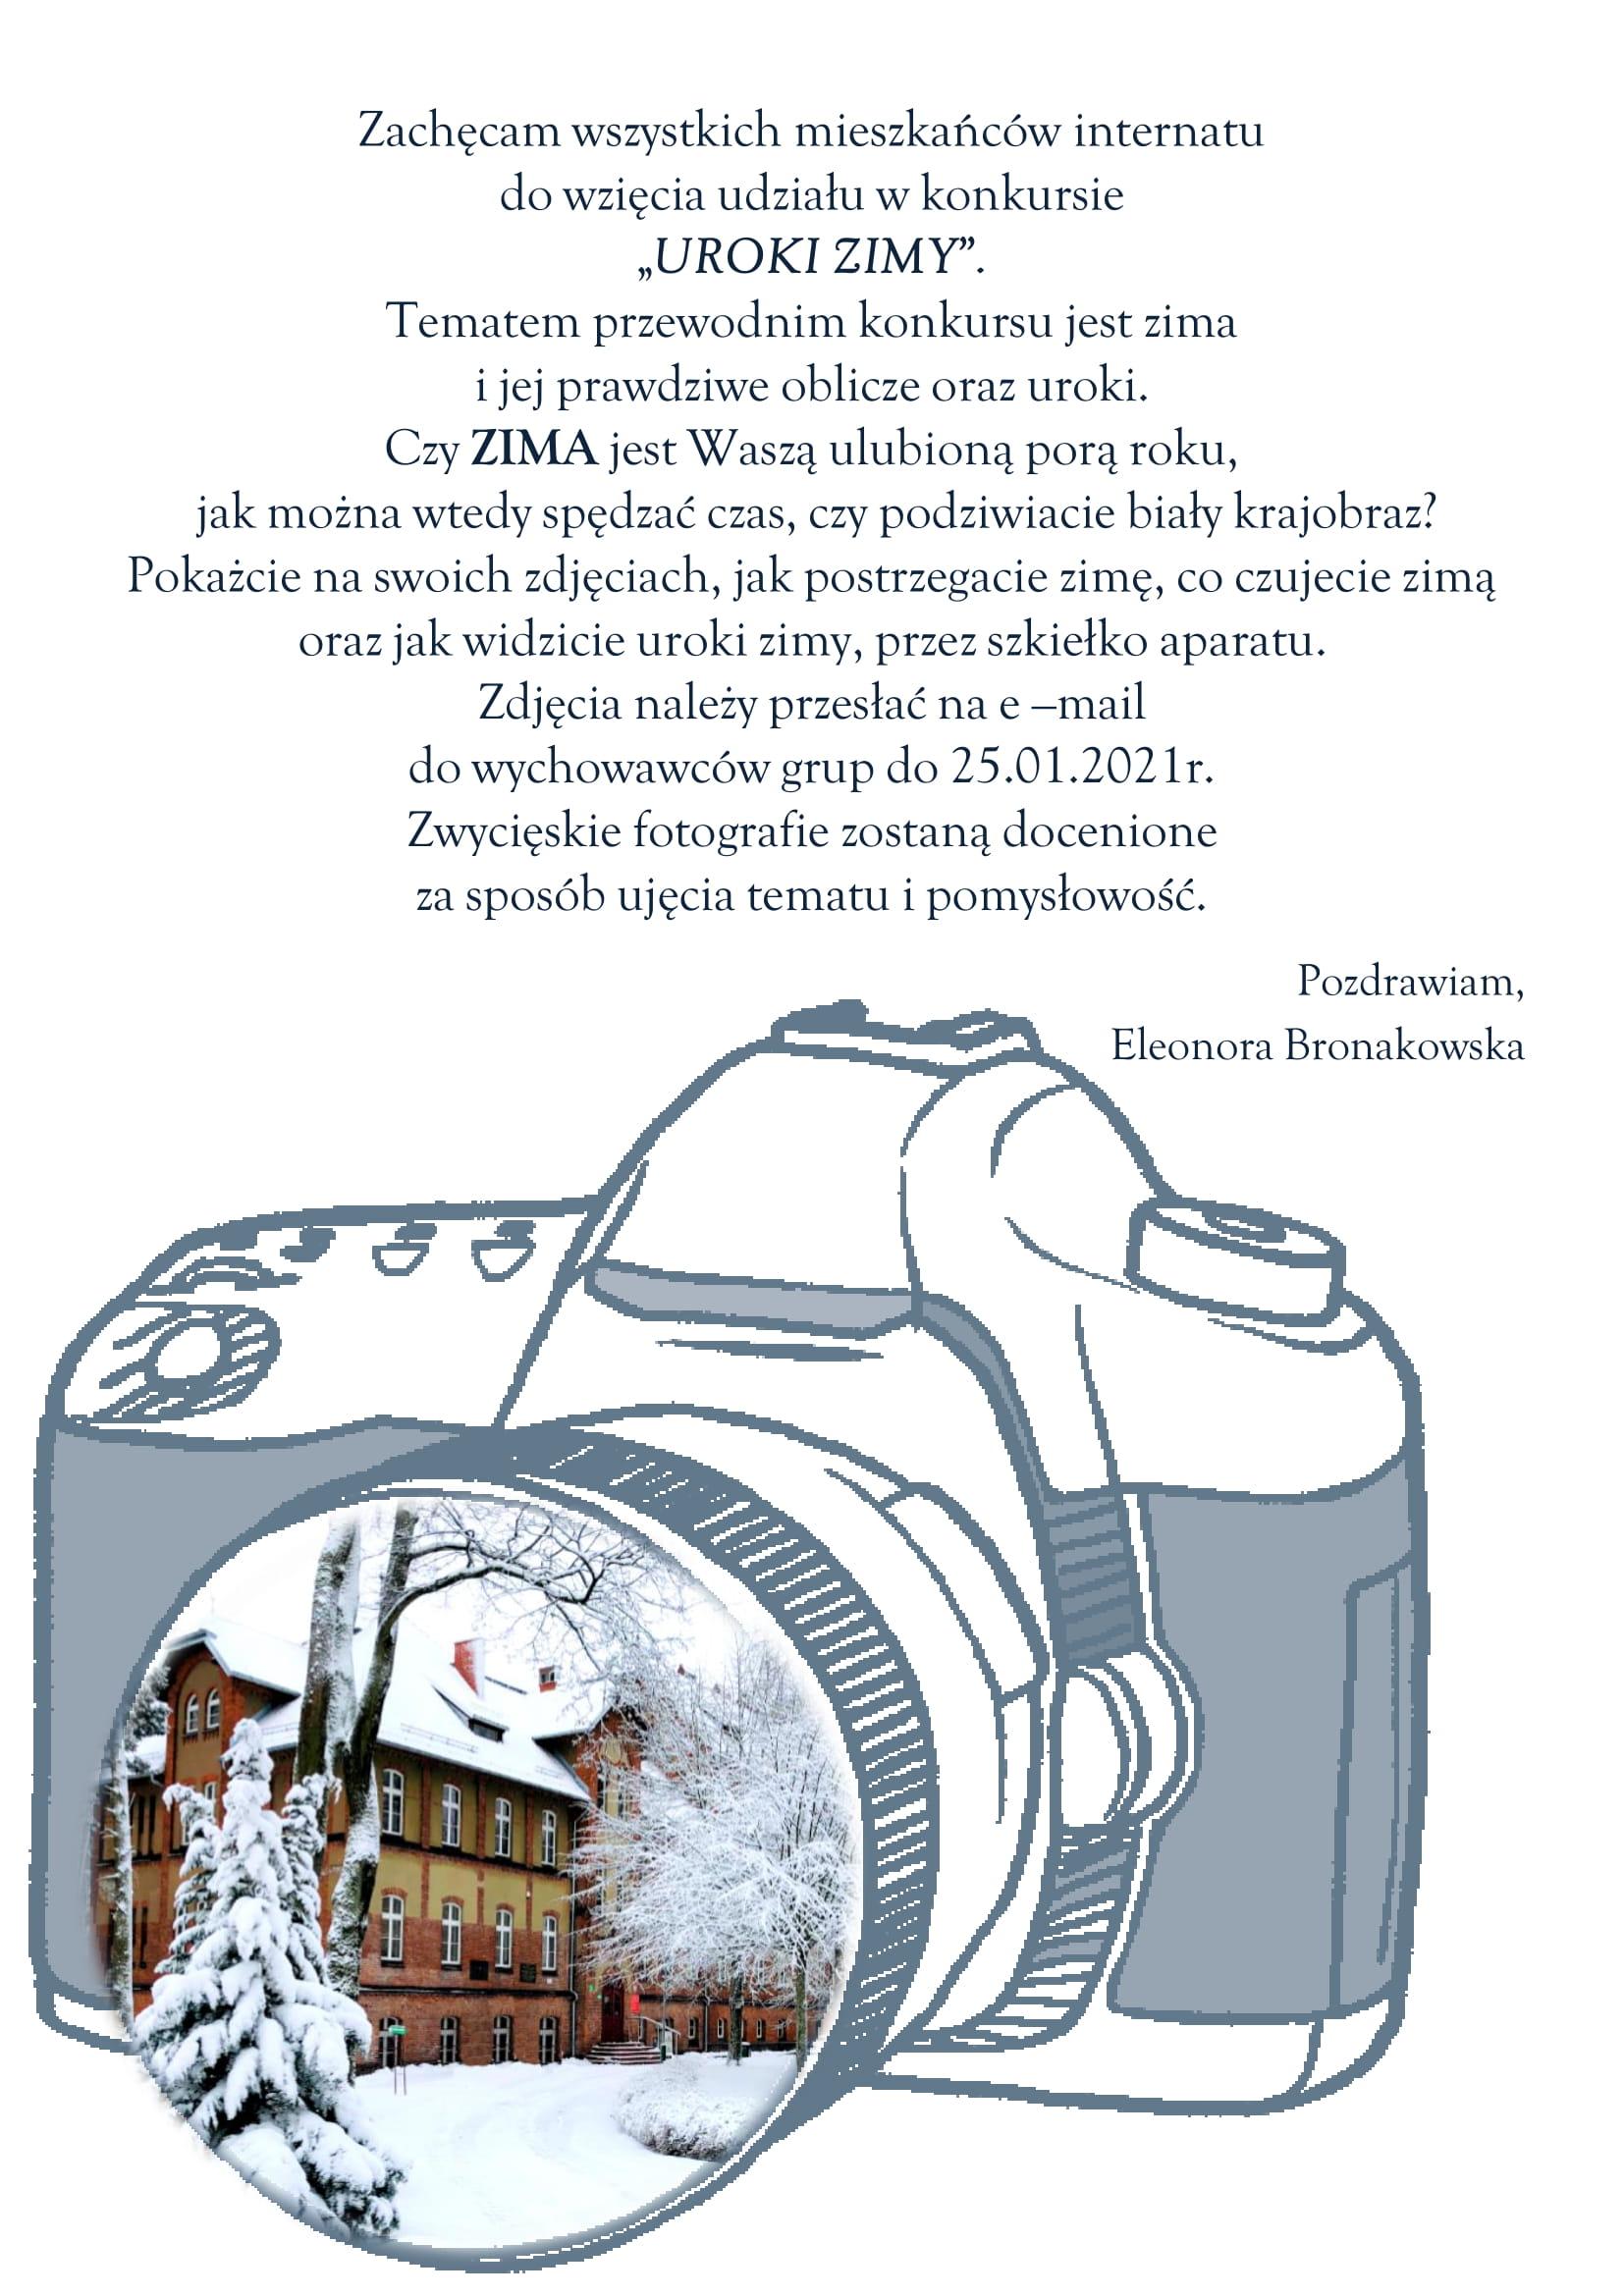 UROKI-ZIMY-1.jpg